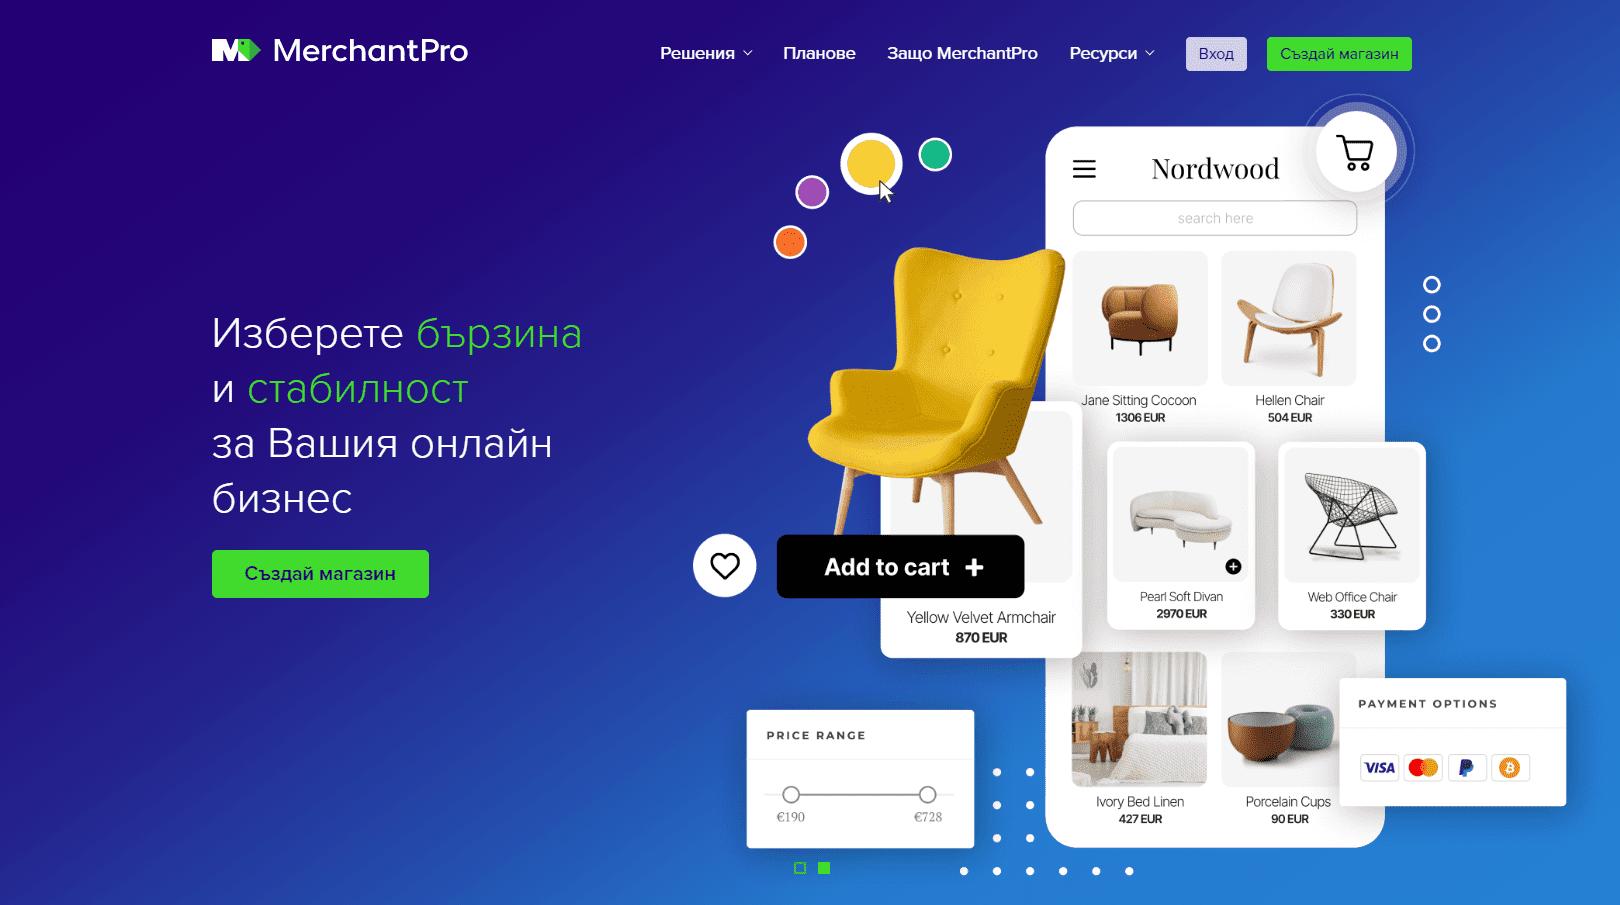 маркетплейс платформата MerchantPro